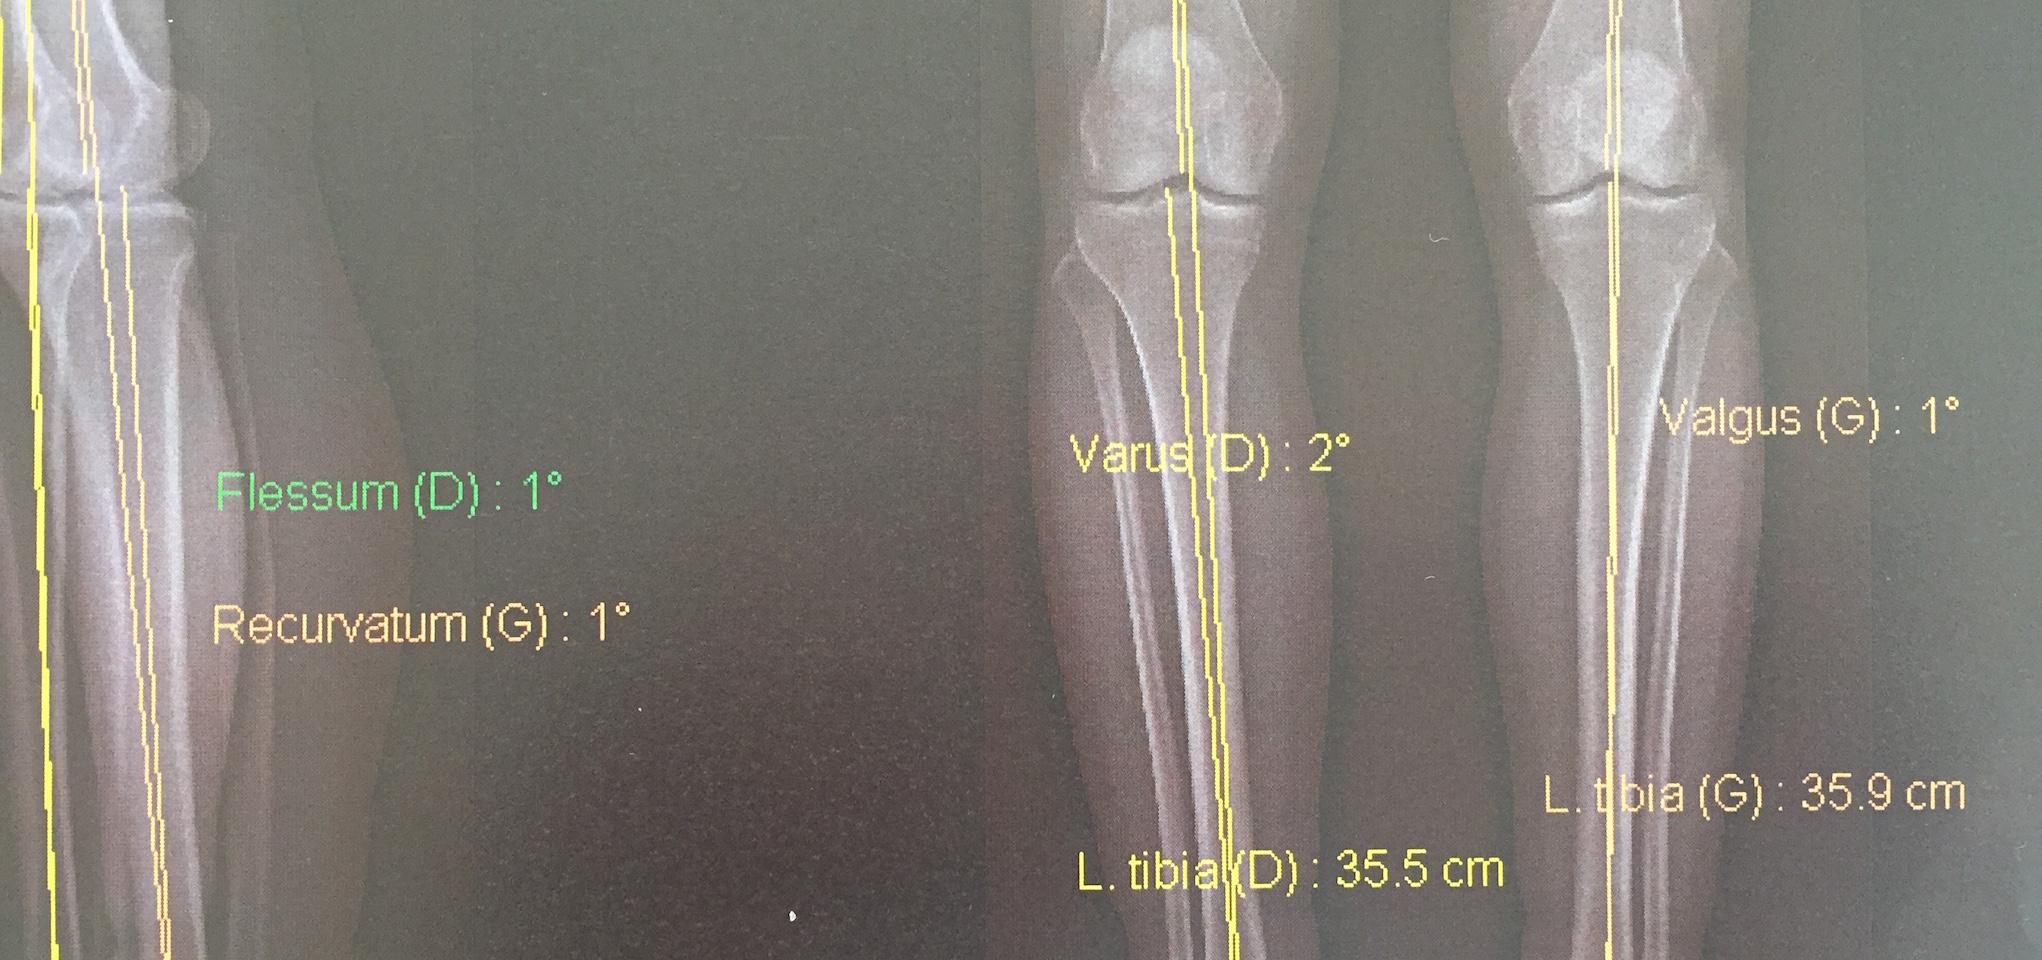 Problème de genou